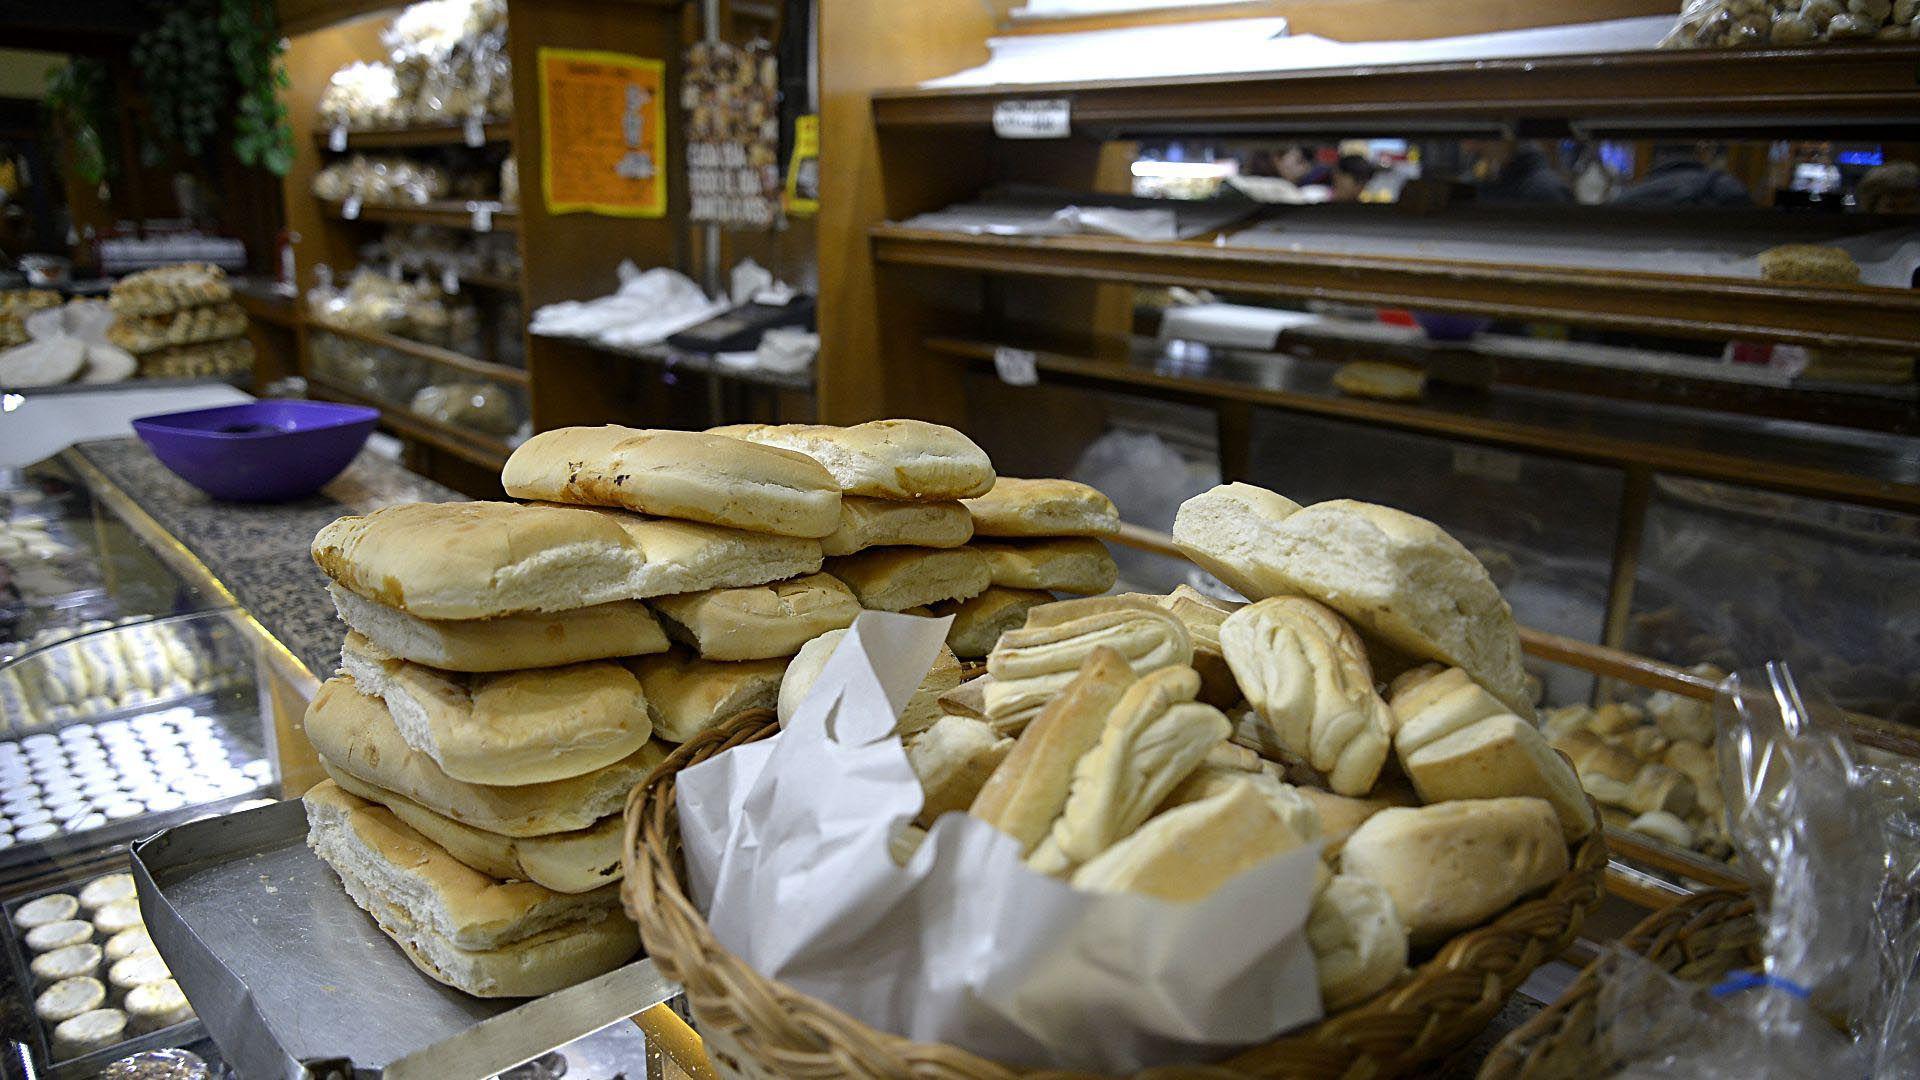 El estudio arrojó que el precio del pan se multiplica por siete desde que sale como trigo del campo hasta el pan que llega a las mesas. De $135, precio promedio de un kilo de pan, $29 son impuestos, y la carga impositiva es mayor que el costo de producir el trigo y hacer la harina para ese kilo de pan. (Gustavo Gavotti)